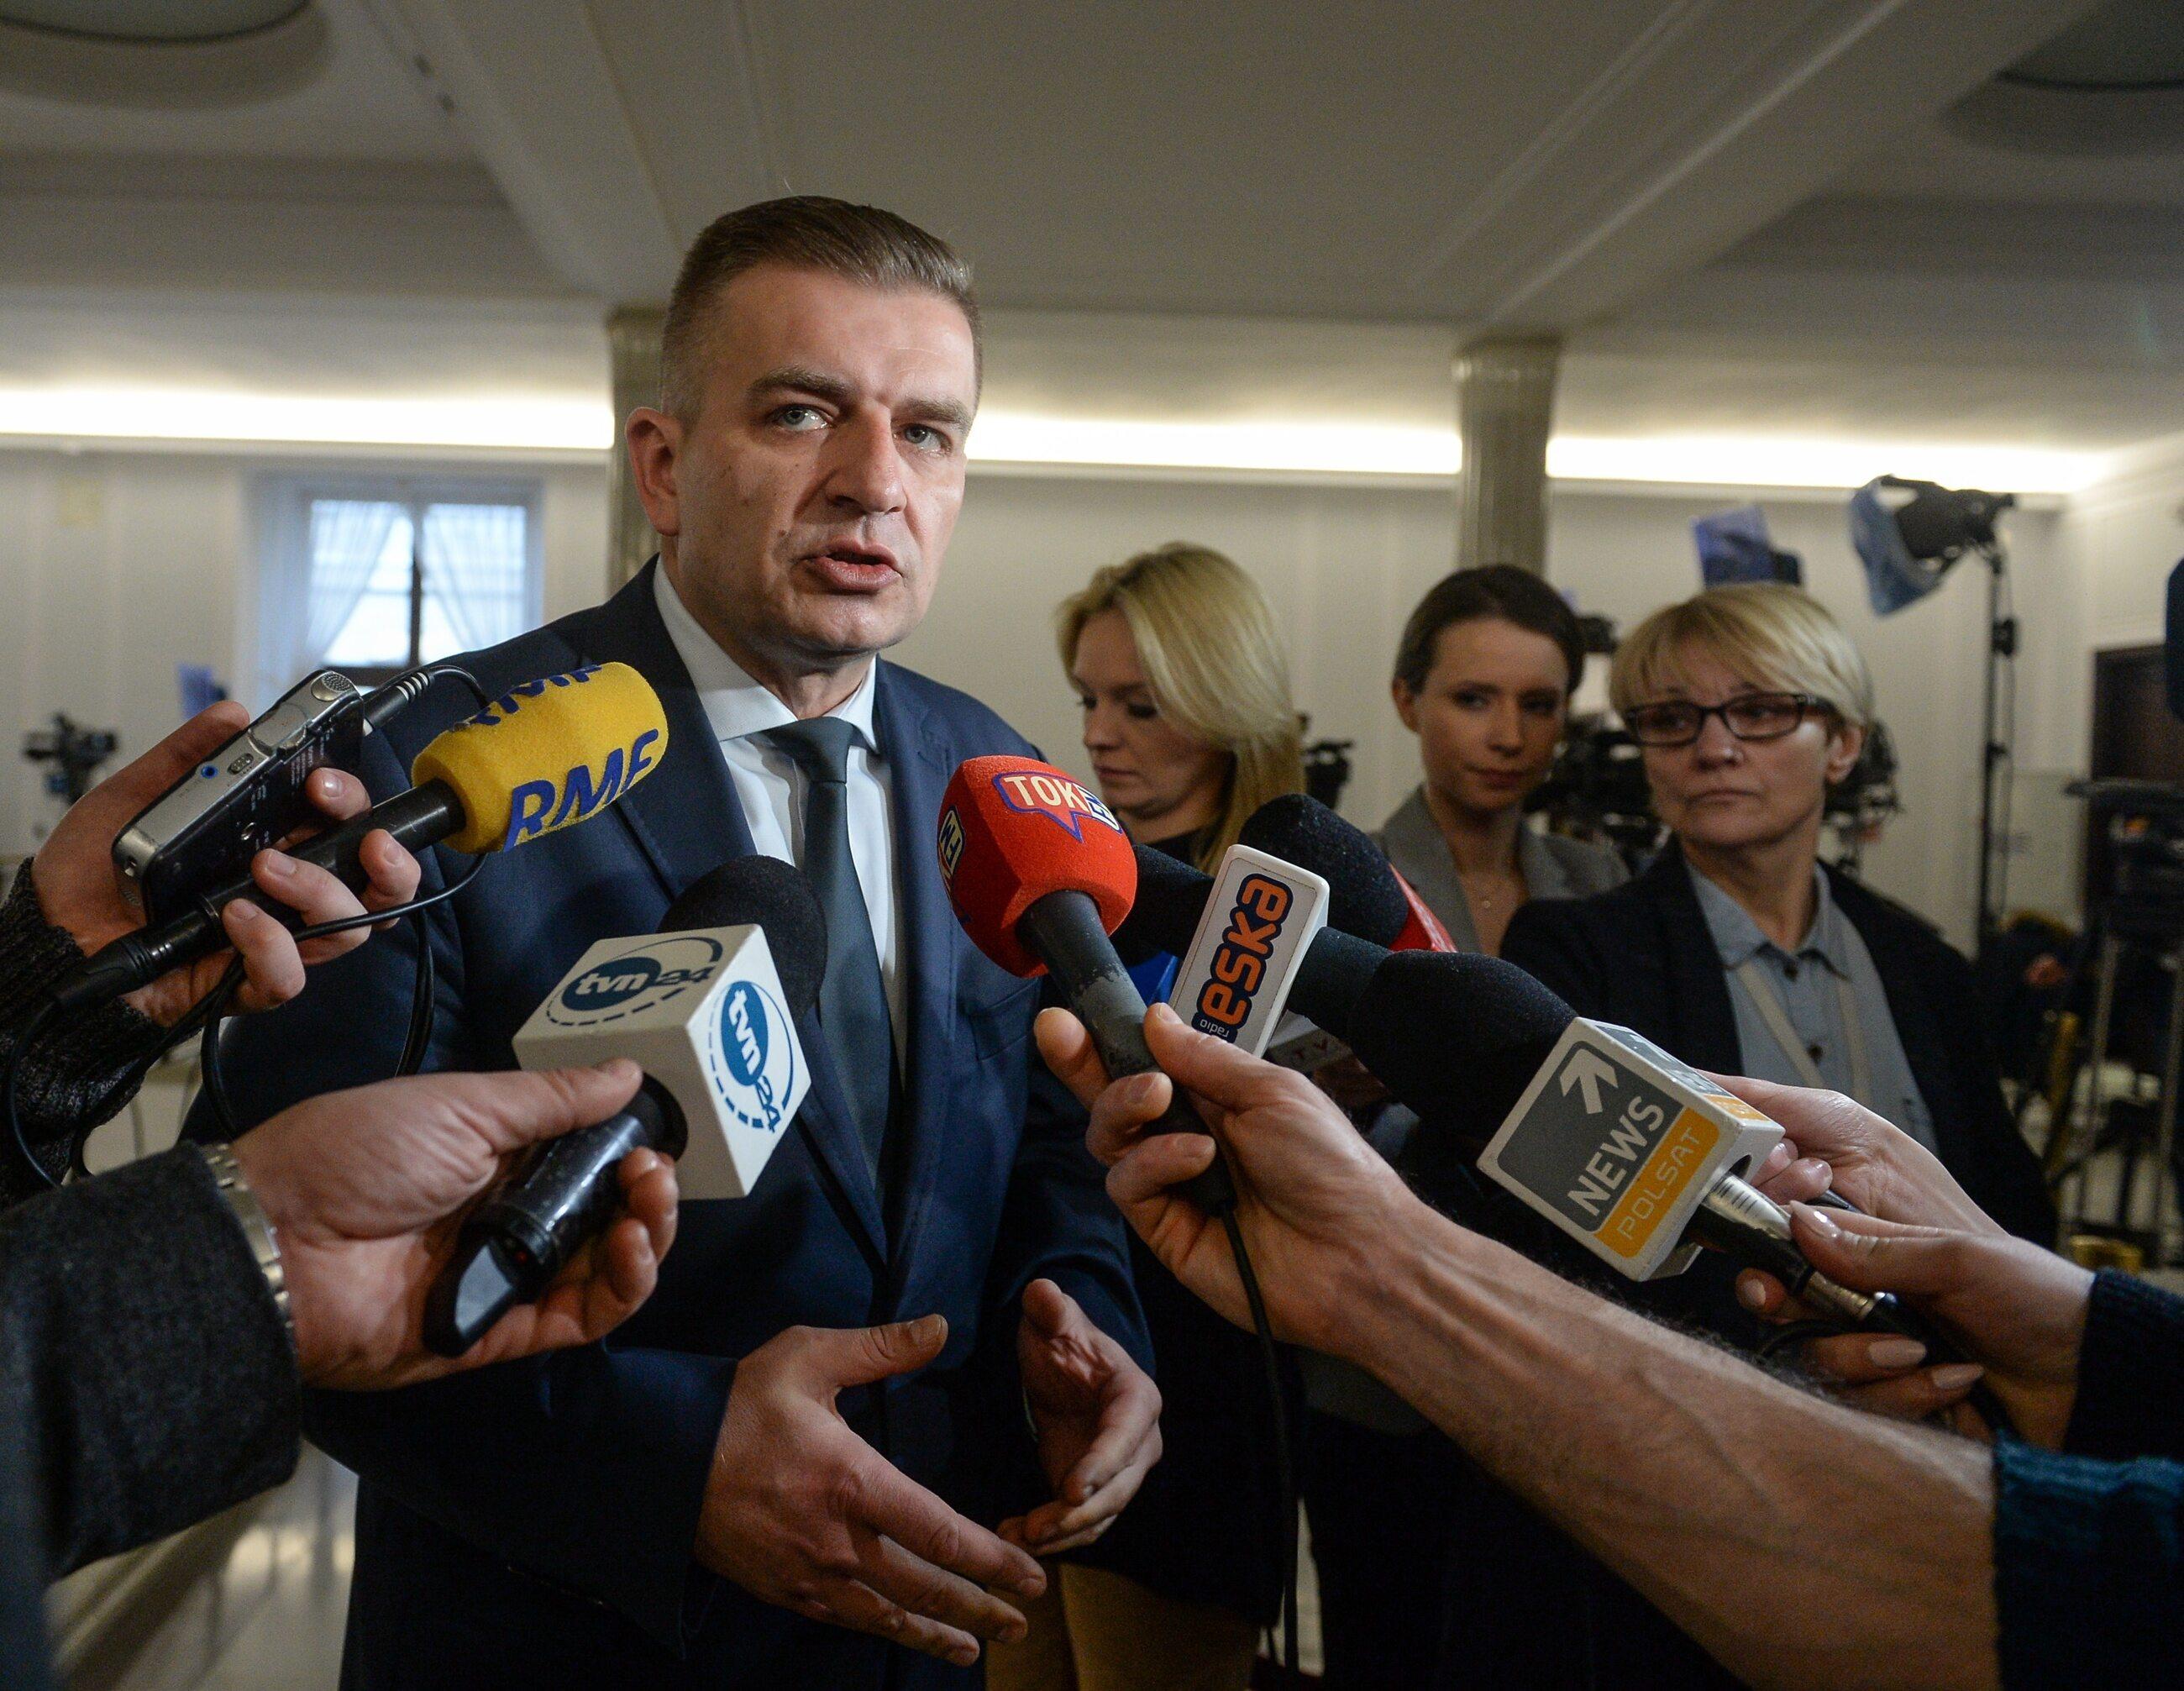 Przewodniczący komisji, poseł PO Bartosz Arłukowicz